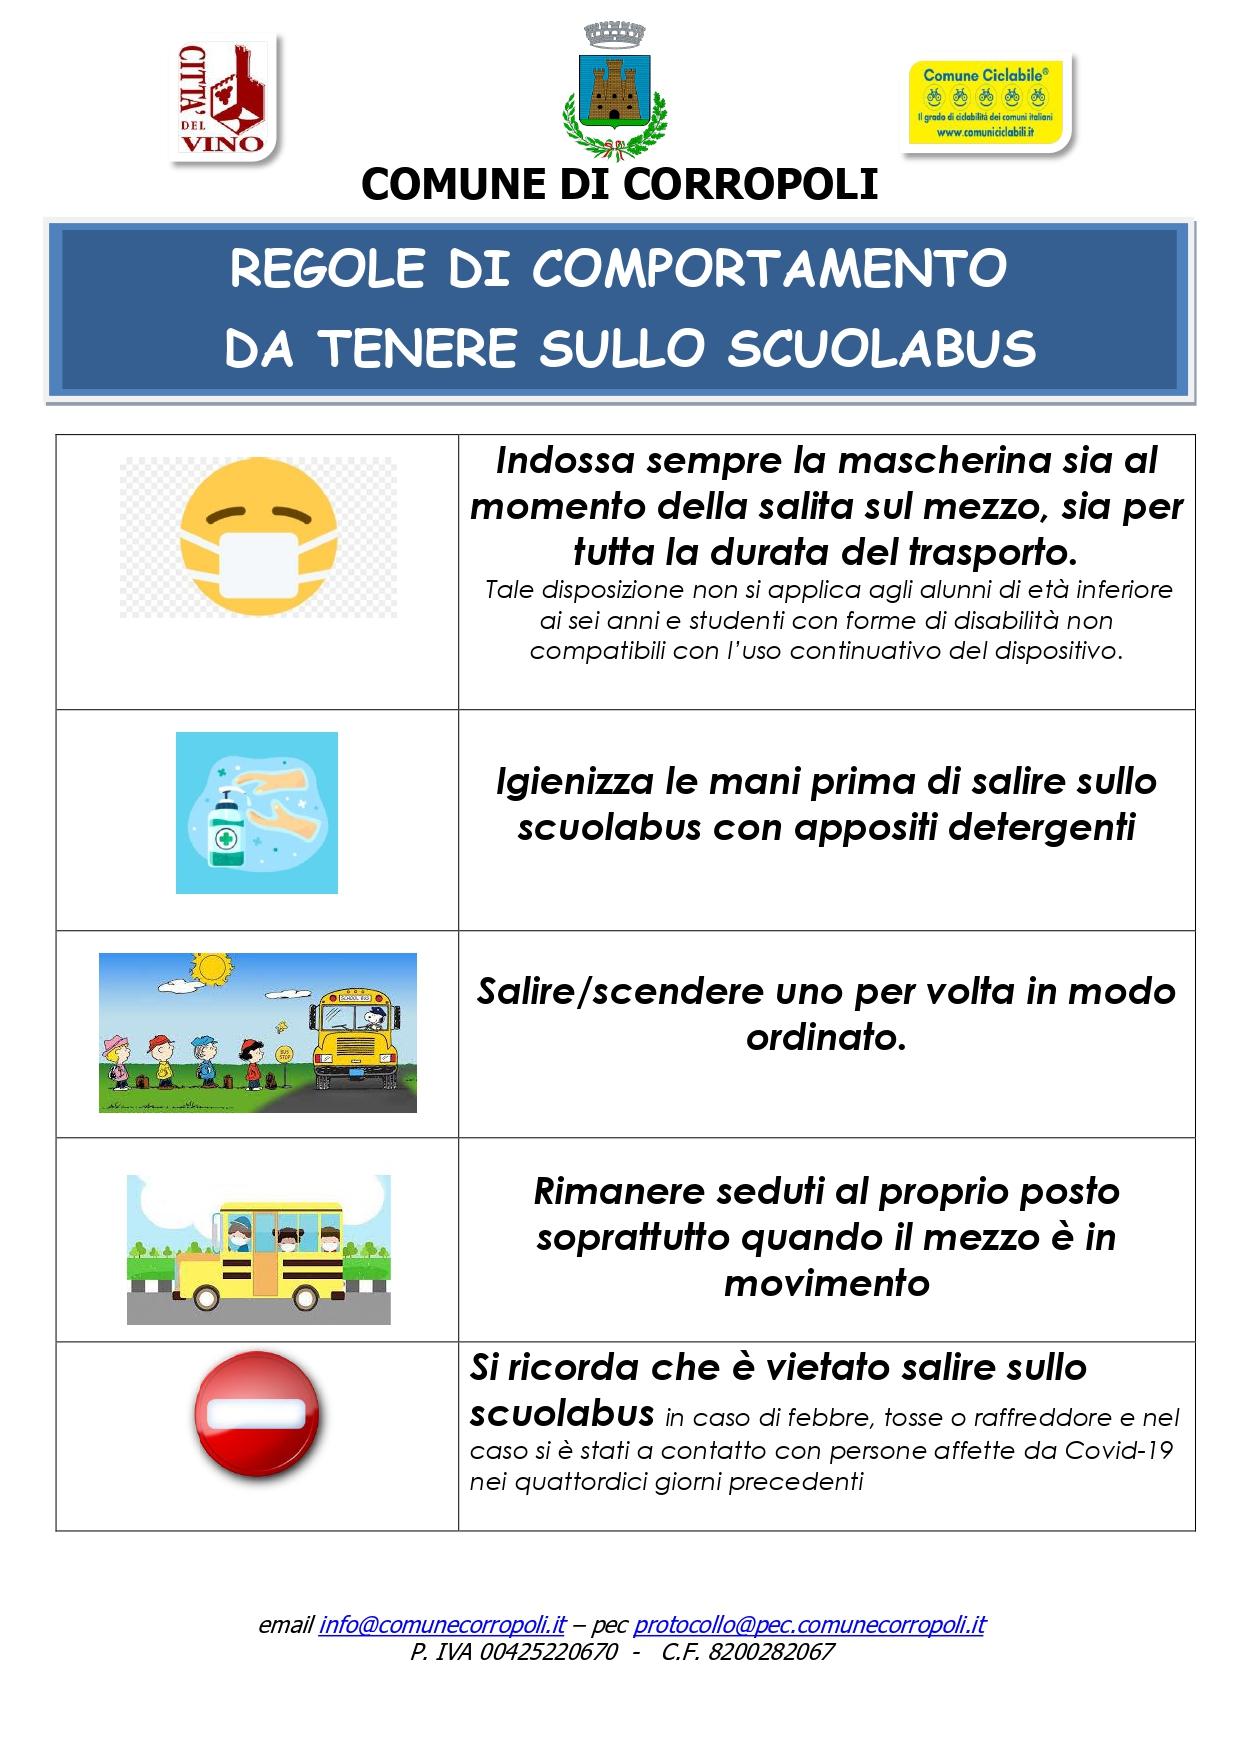 REGOLE DI COMPORTAMENTO DA TENERE SULLO SCUOLABUS